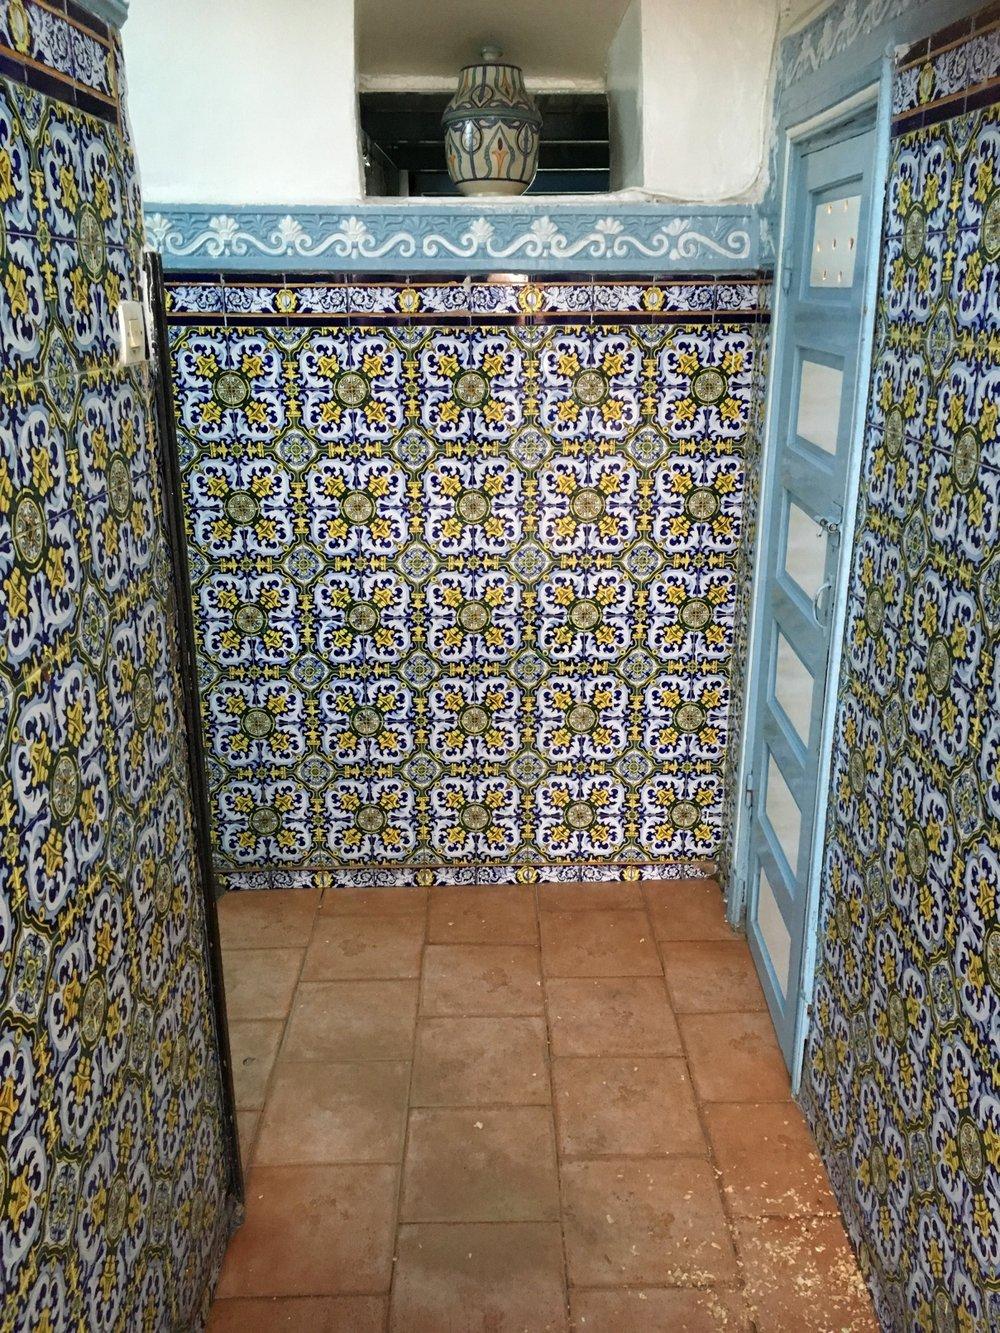 MoroccoTiles2.jpg